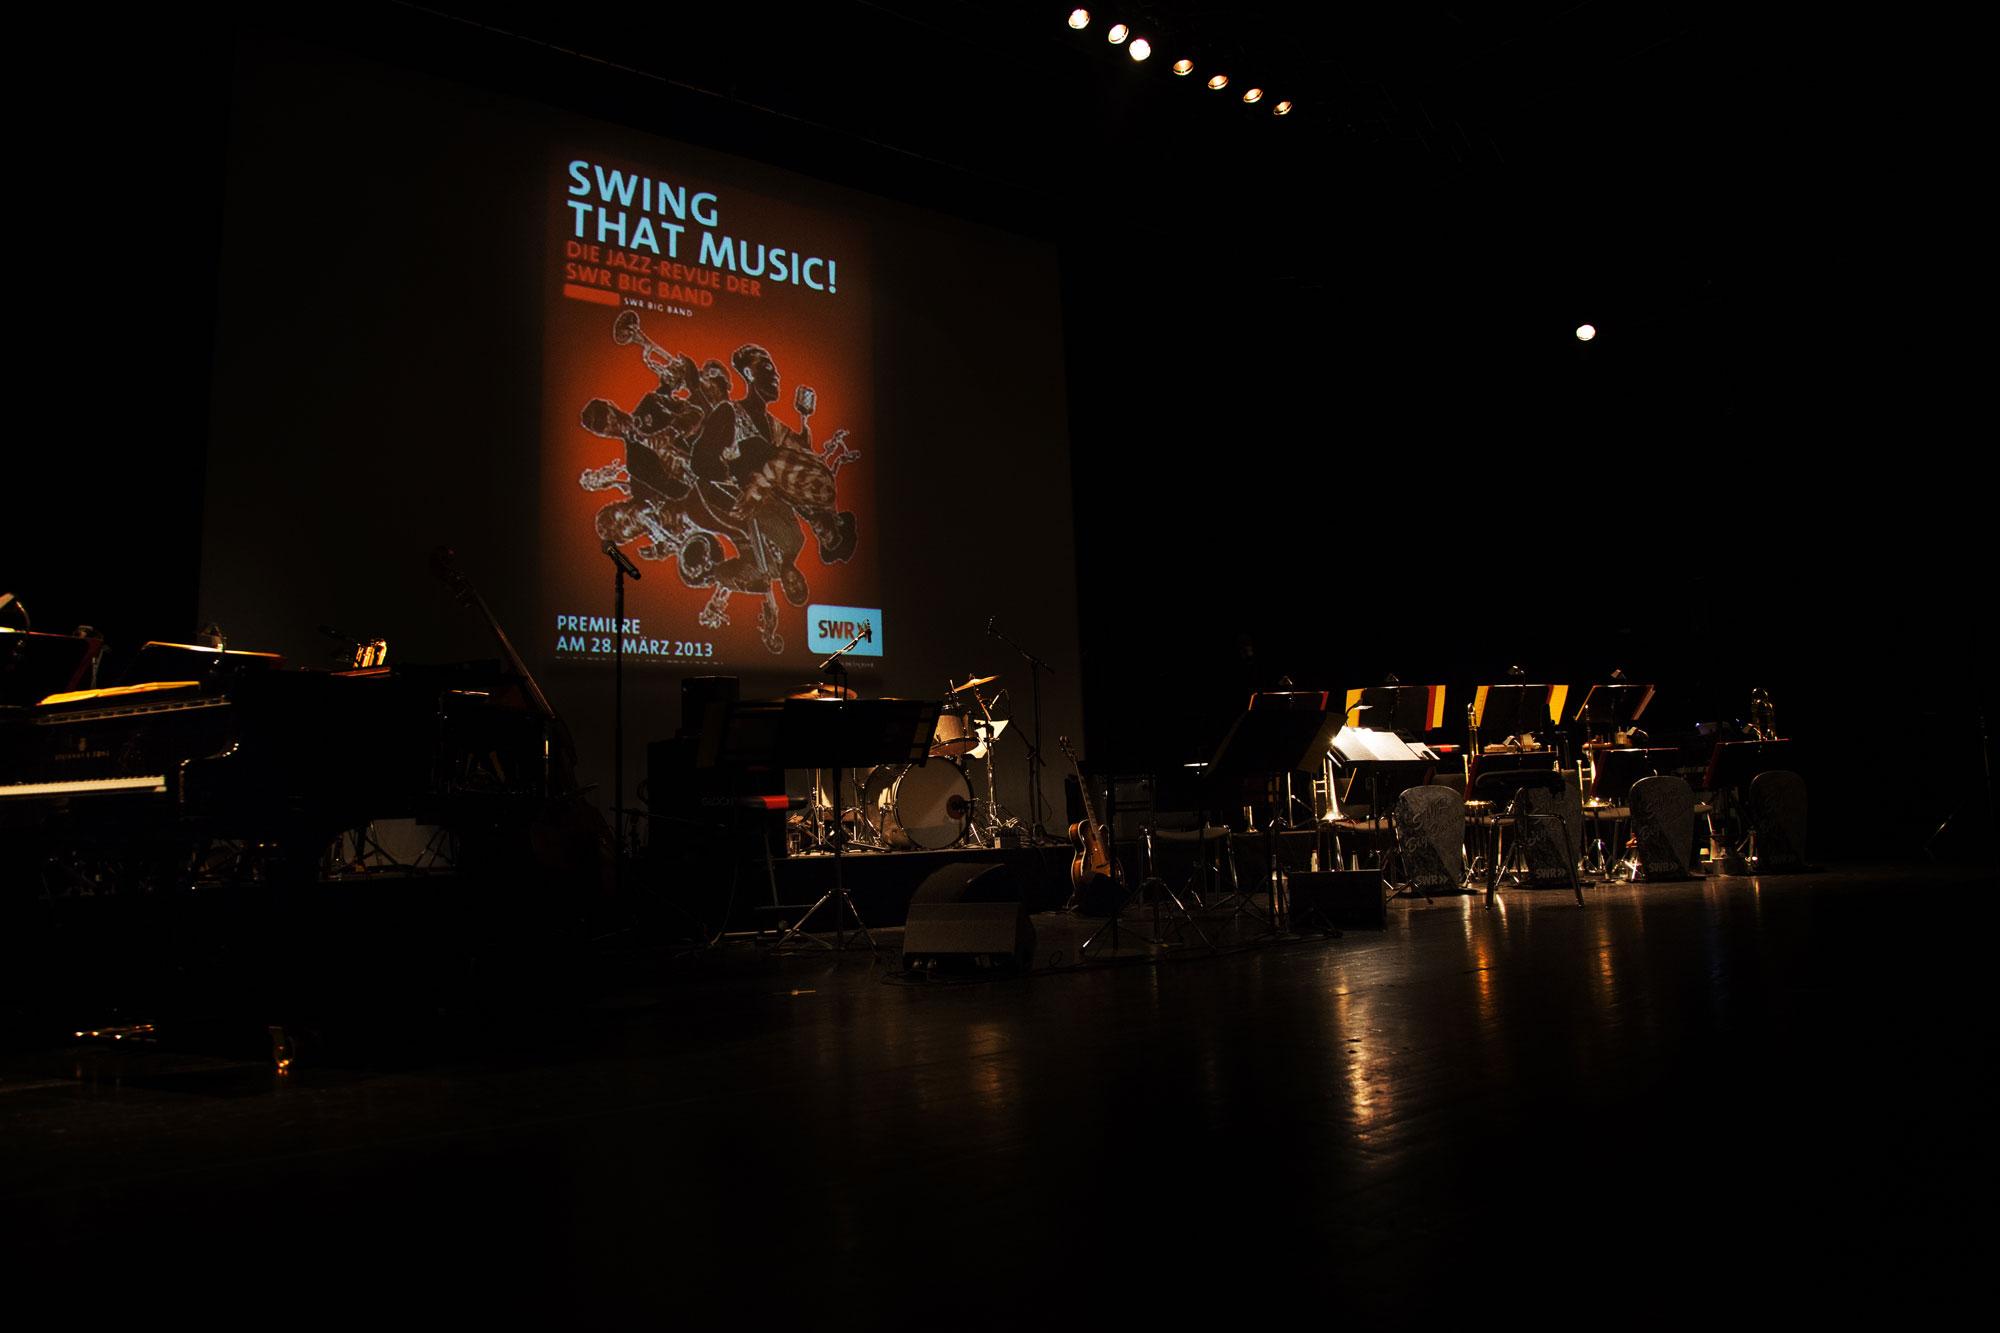 75a gestaltet für die SWR Big Band das